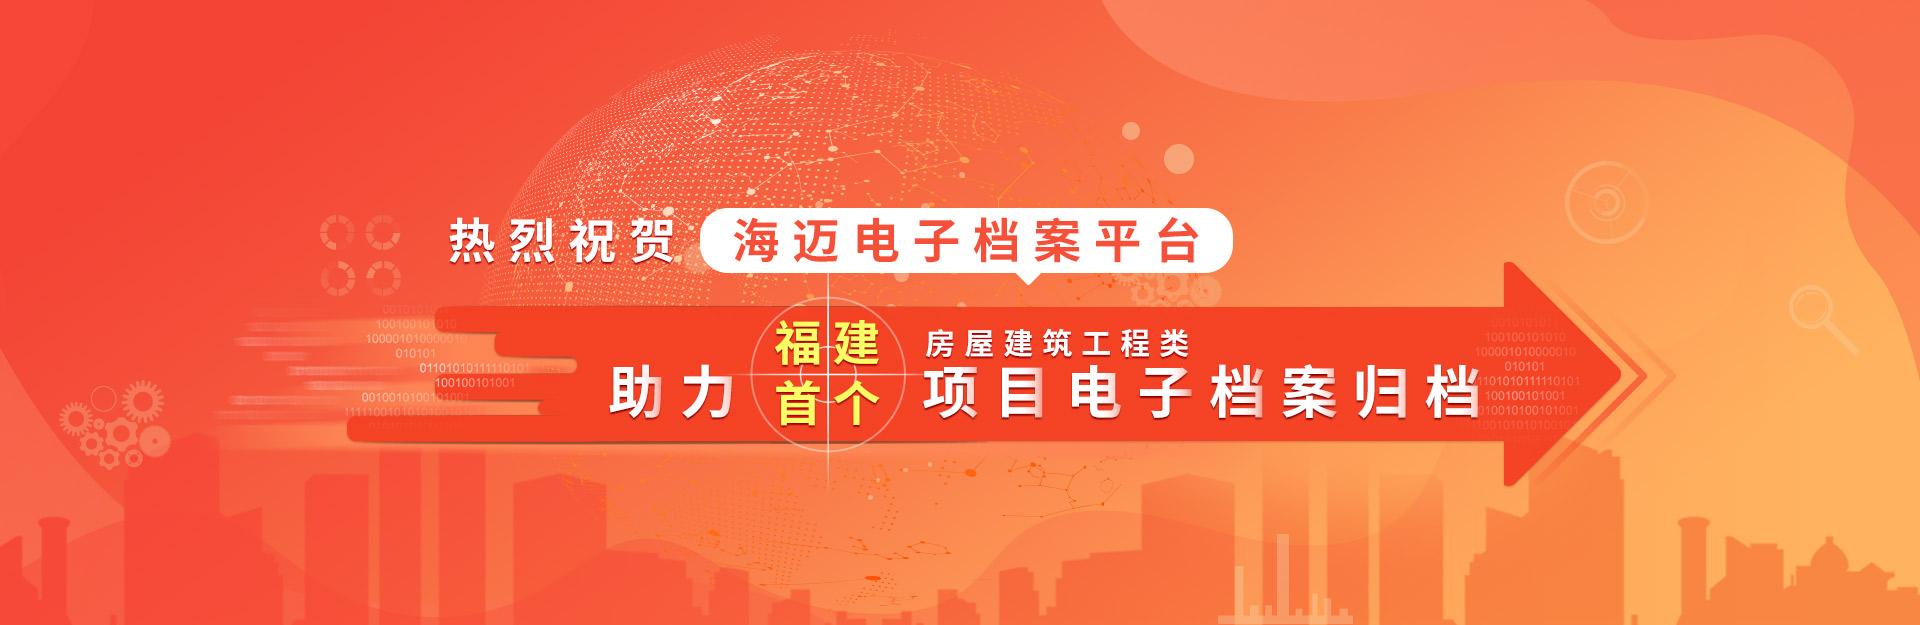 海迈科技:将建筑全生命期服务融入中国数字城市和智慧城市的建设进程中